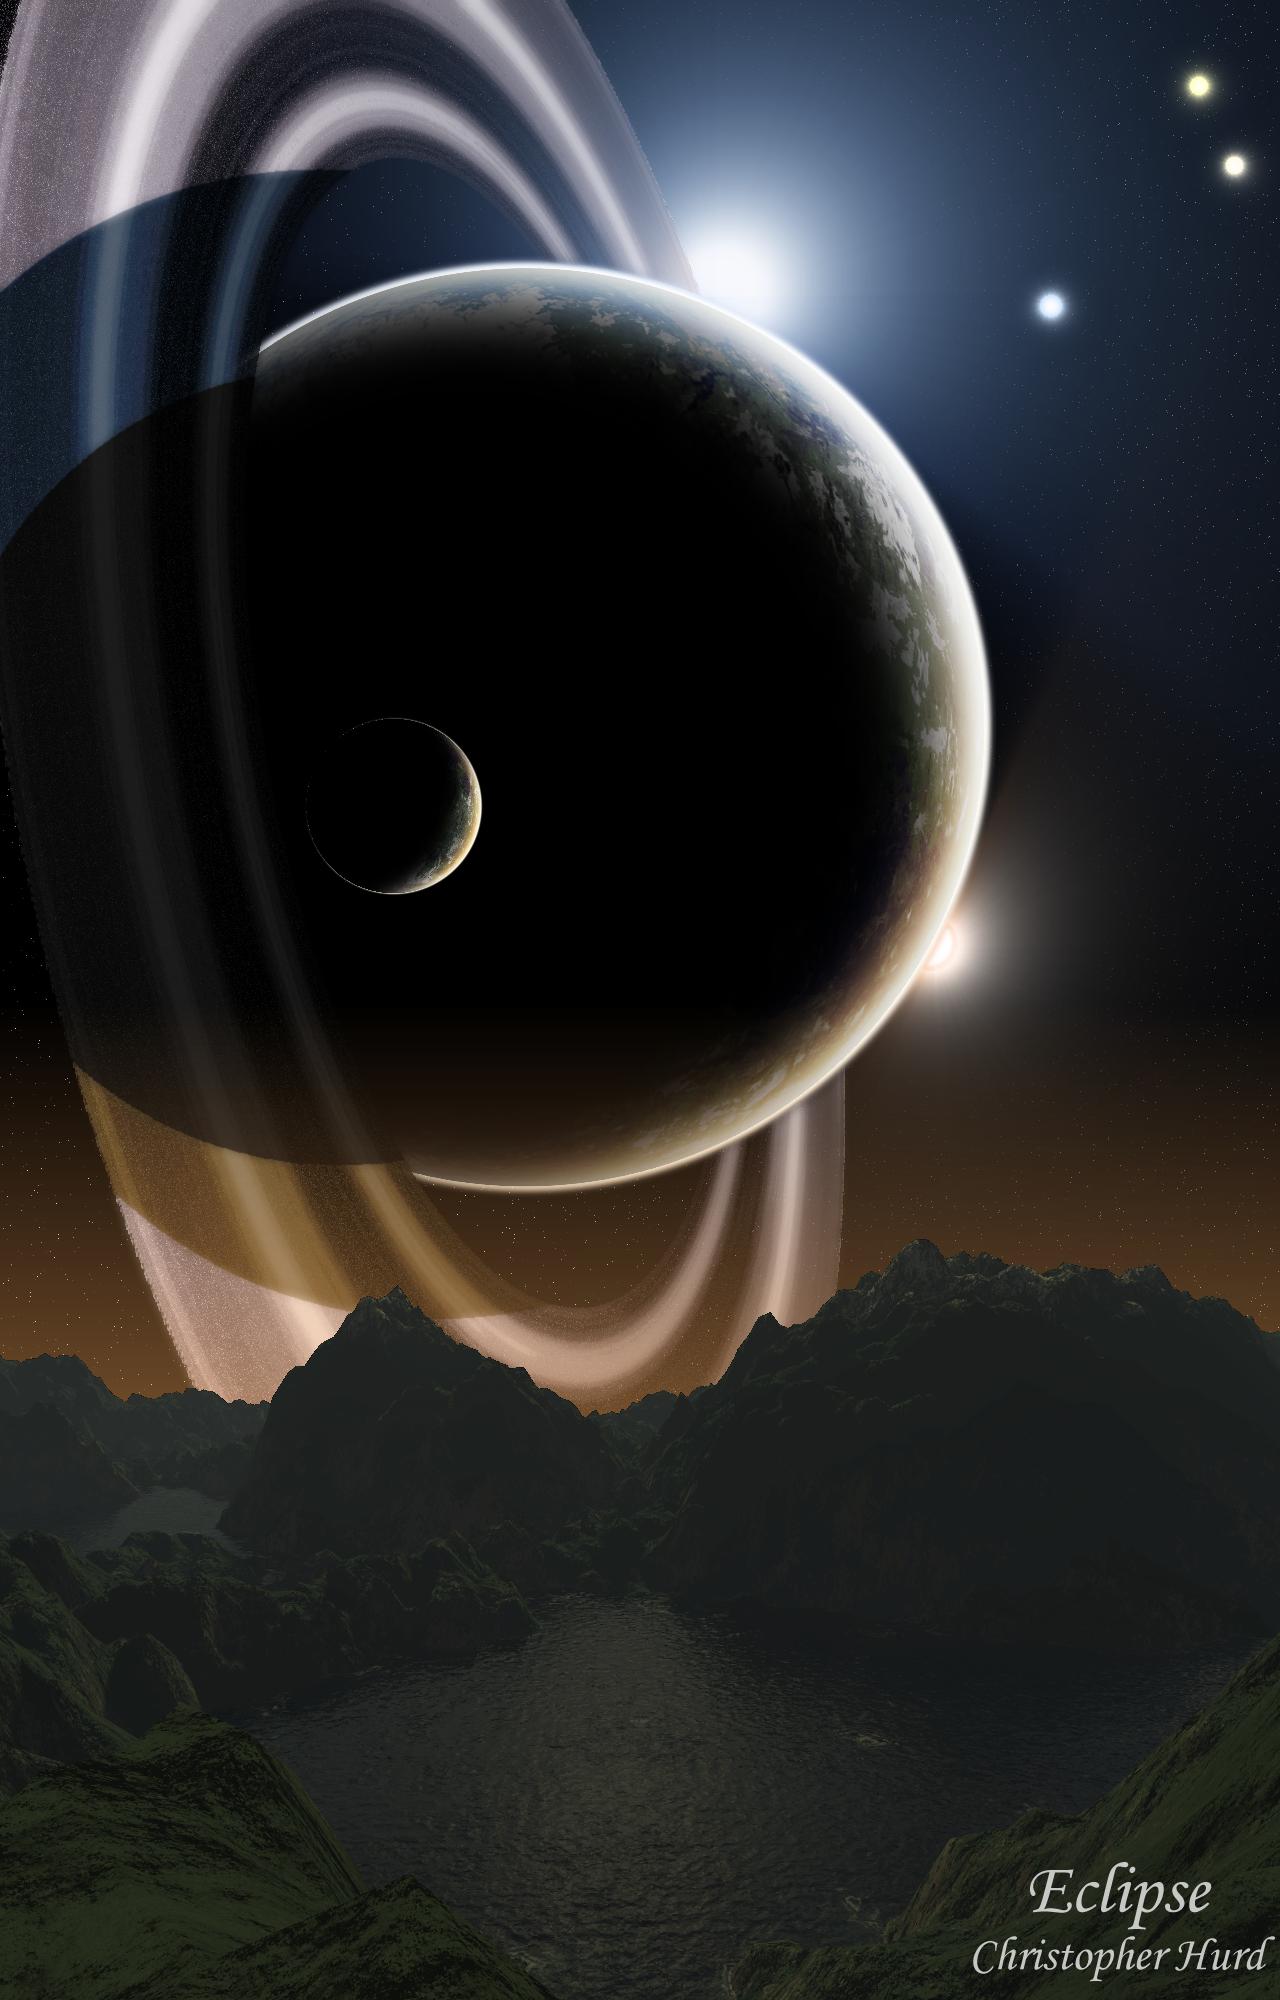 Eclipse - Work In Progress